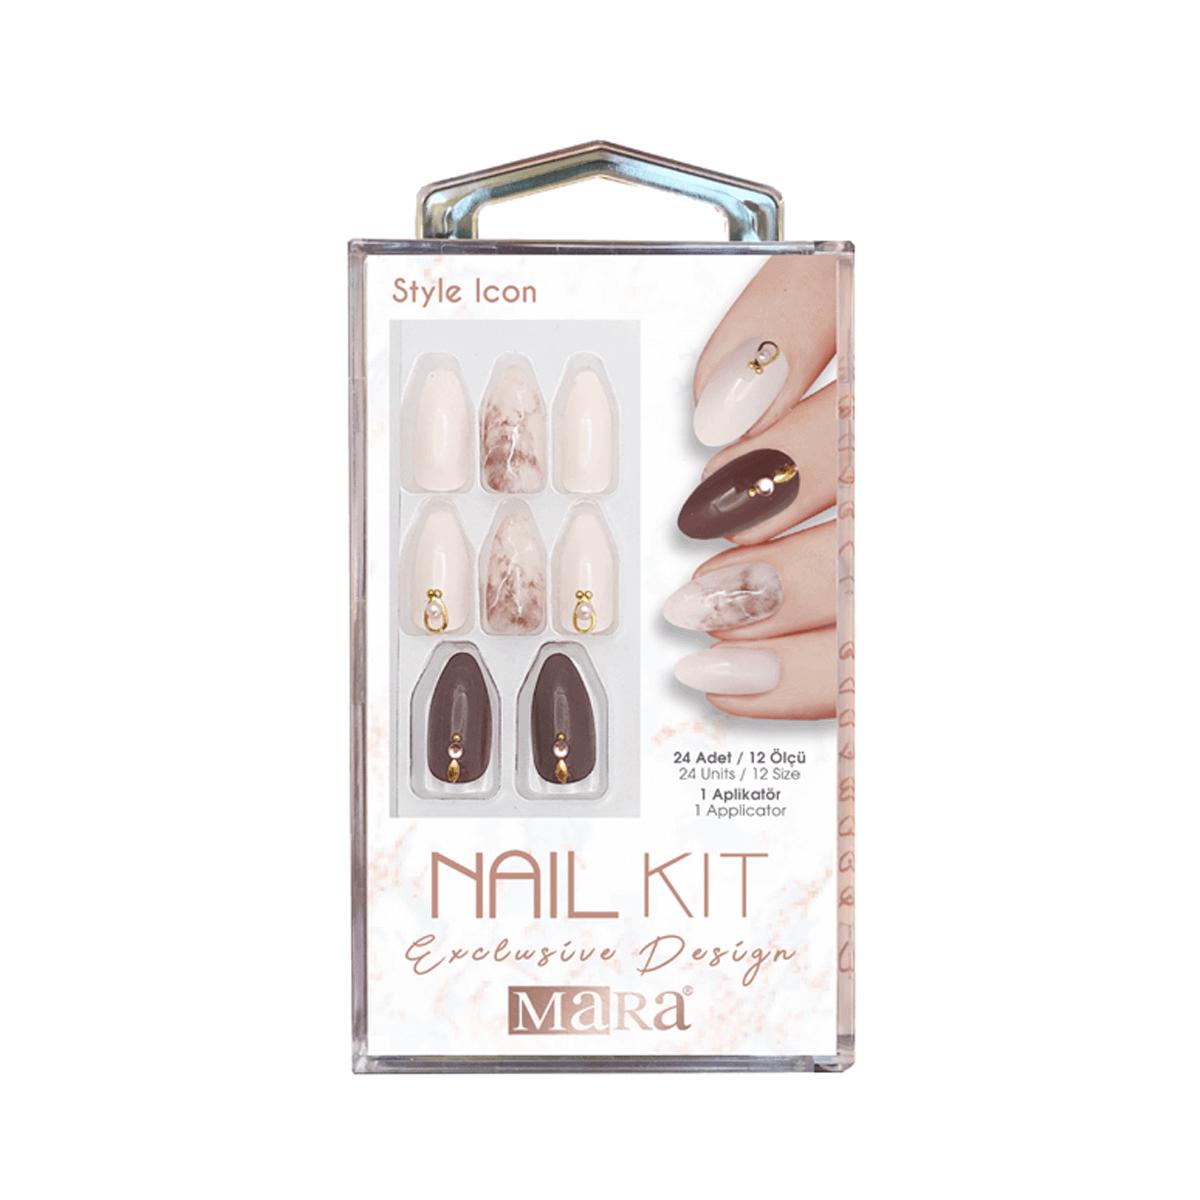 Nail Kit Takma Tırnak Style icon